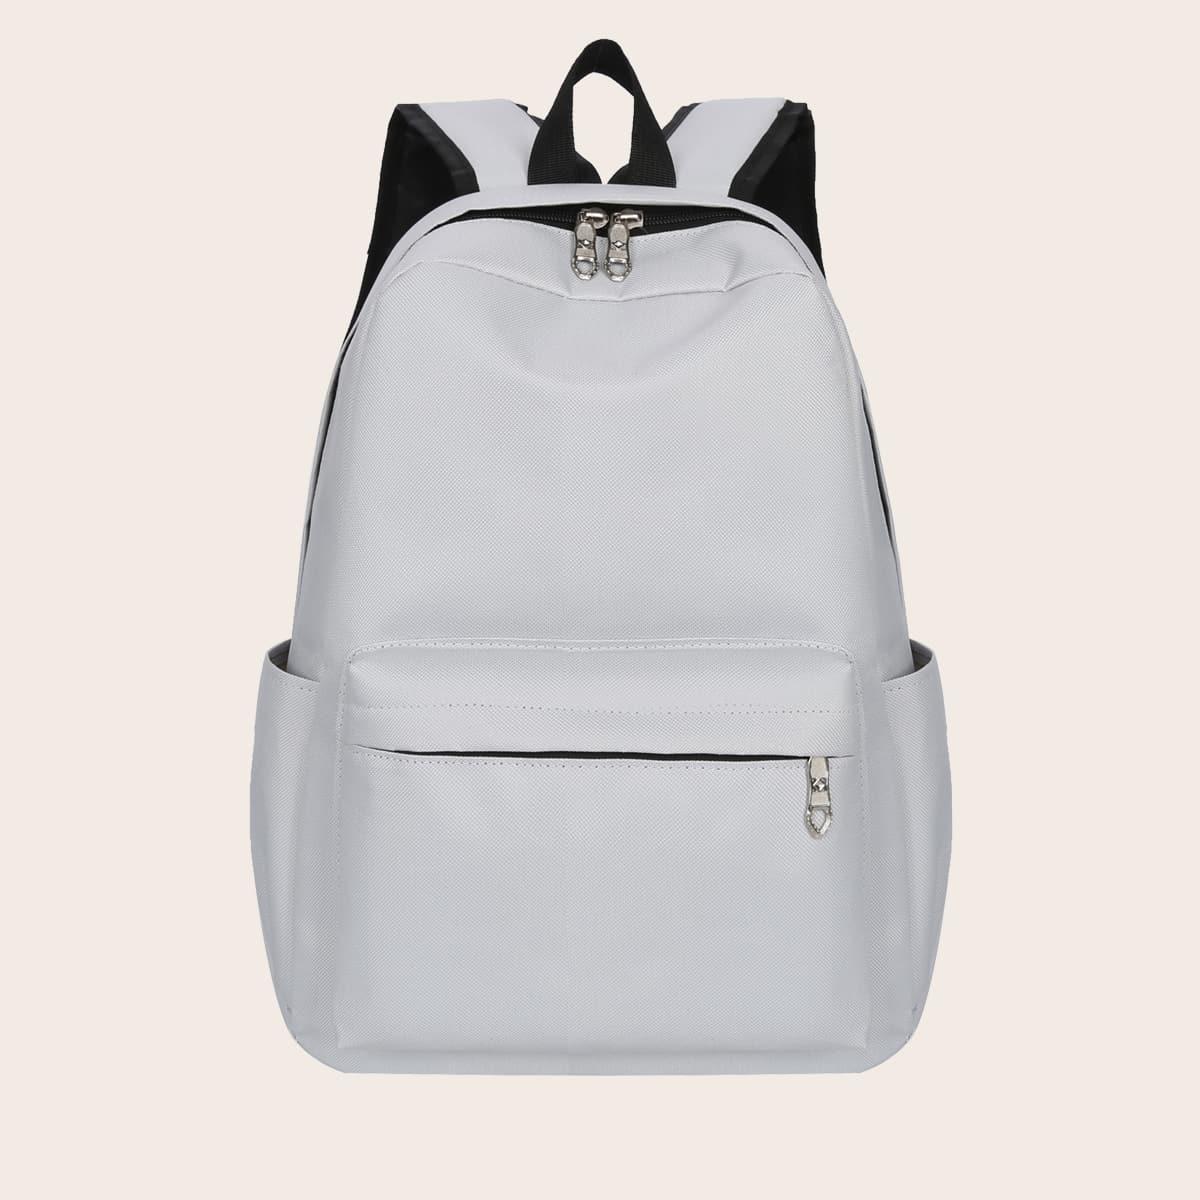 Минималистский рюкзак большой емкости фото